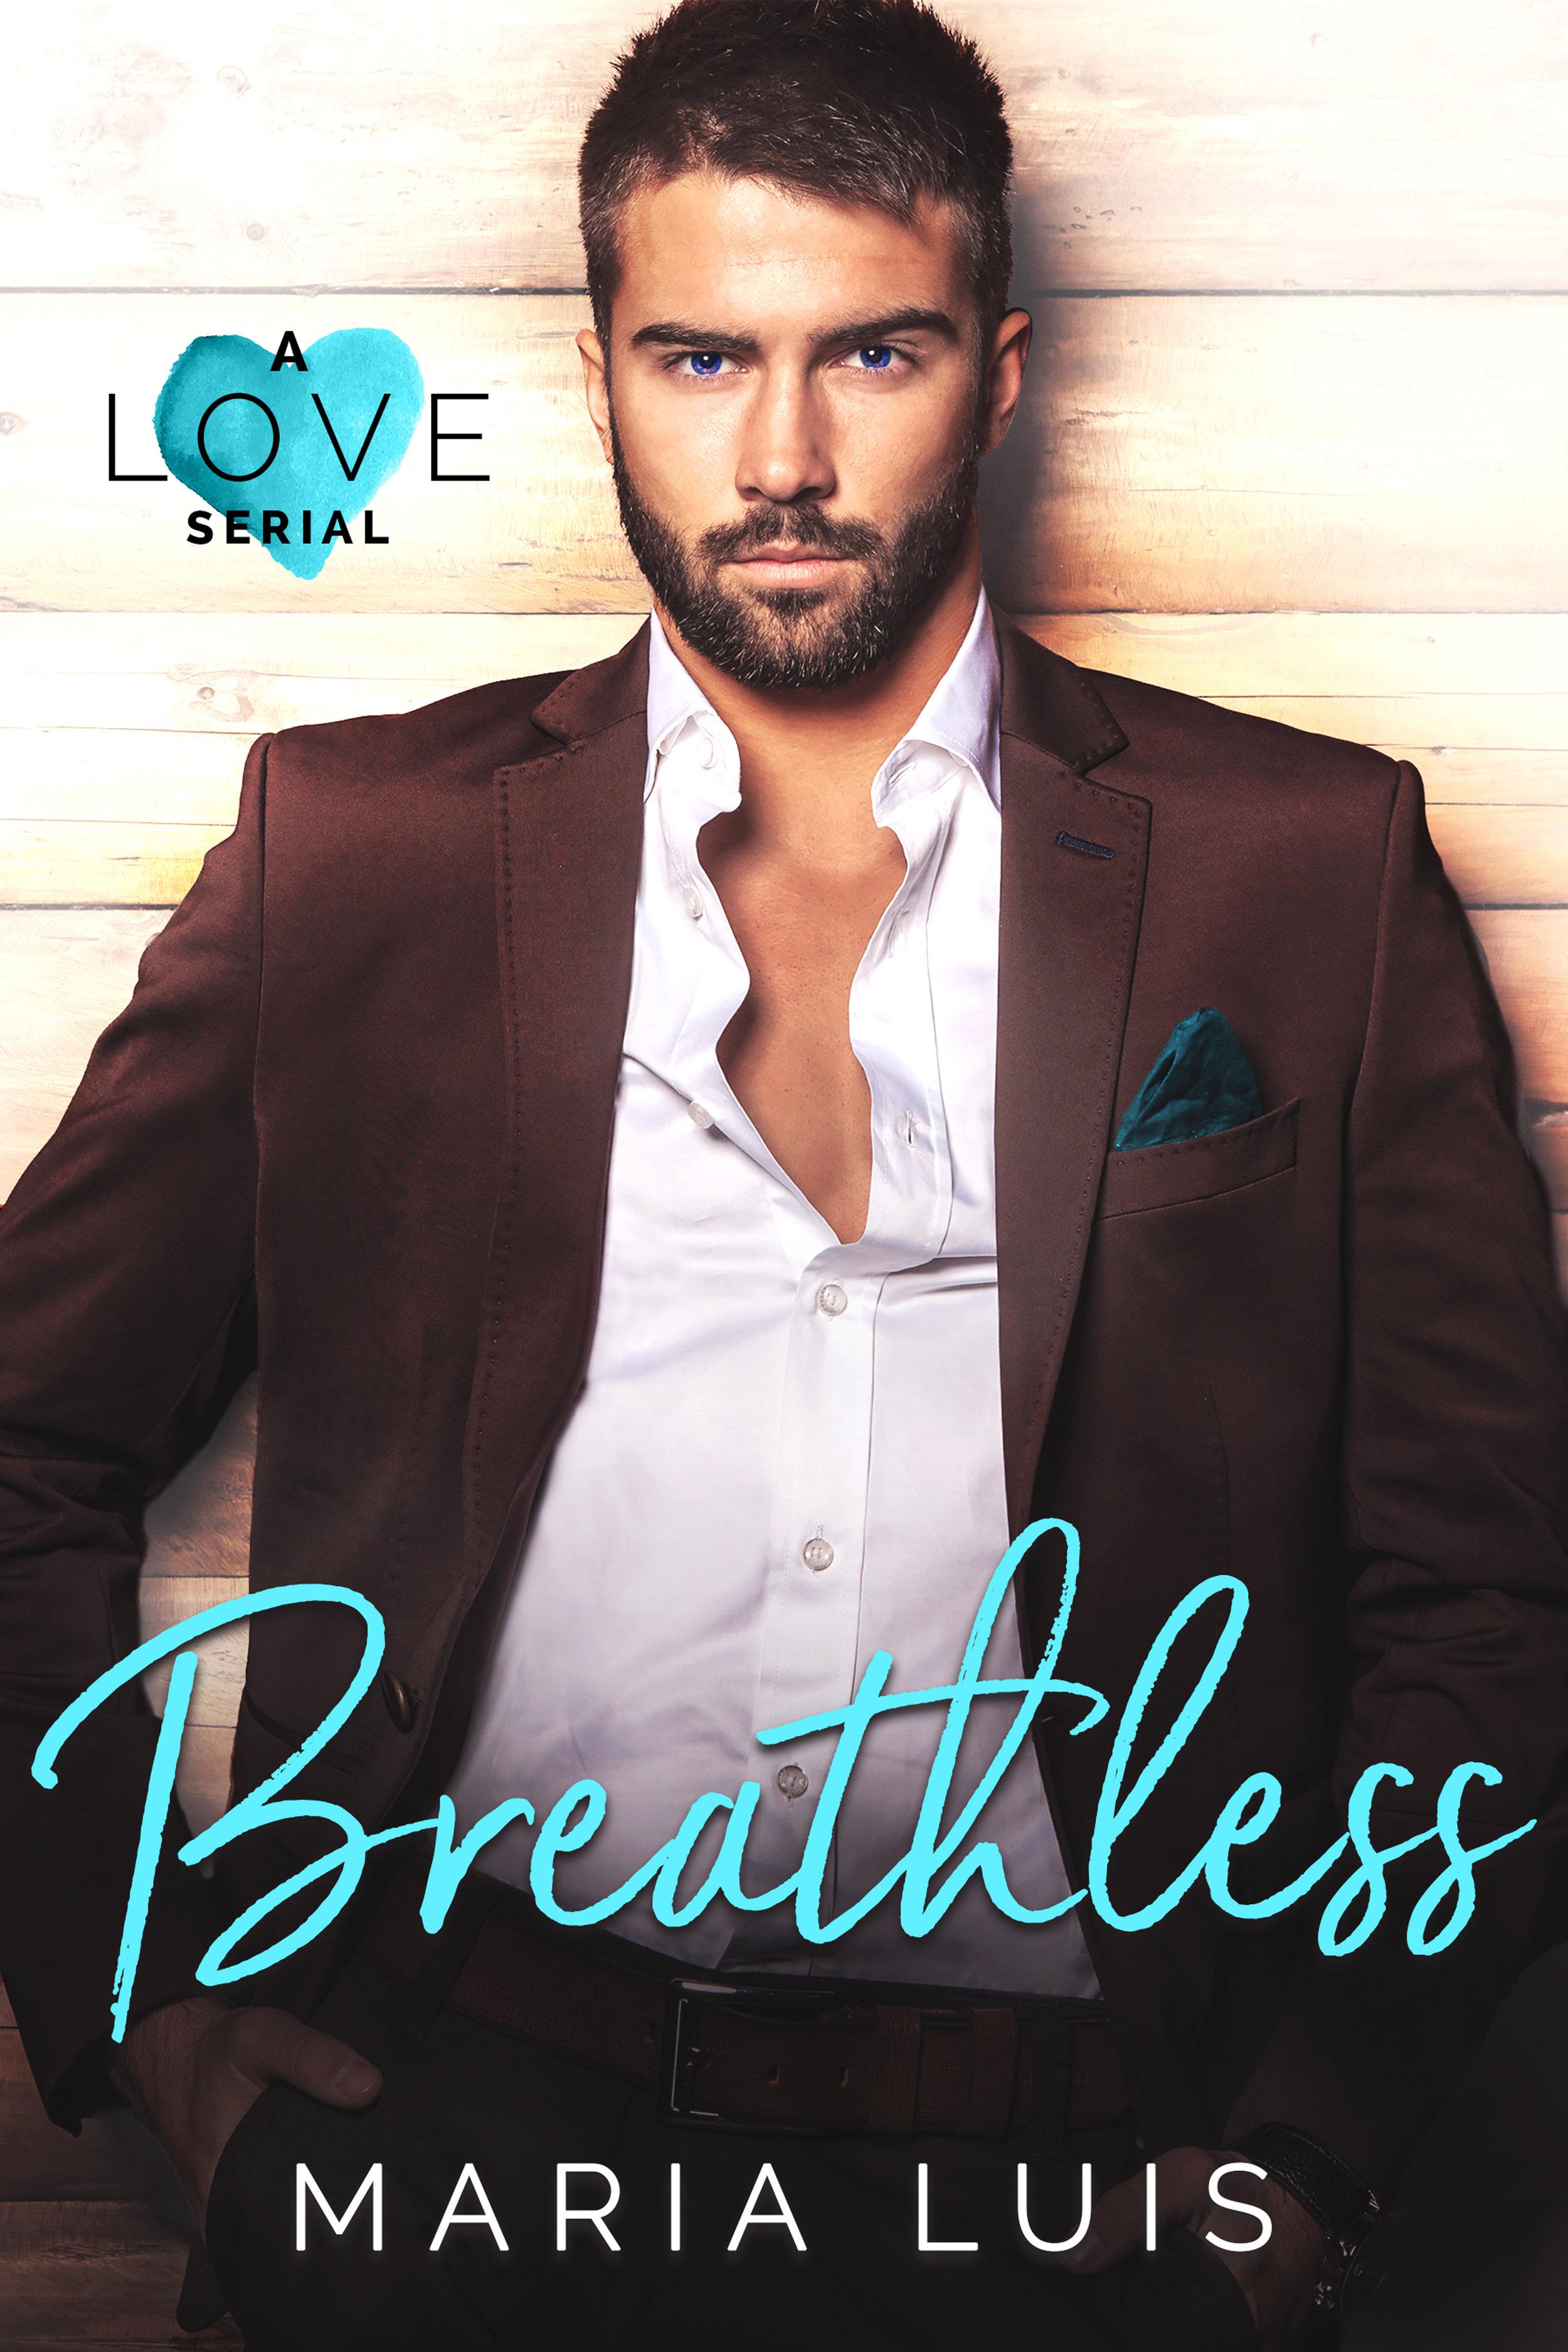 Breathless.v5-Ebook-Amazon.jpg